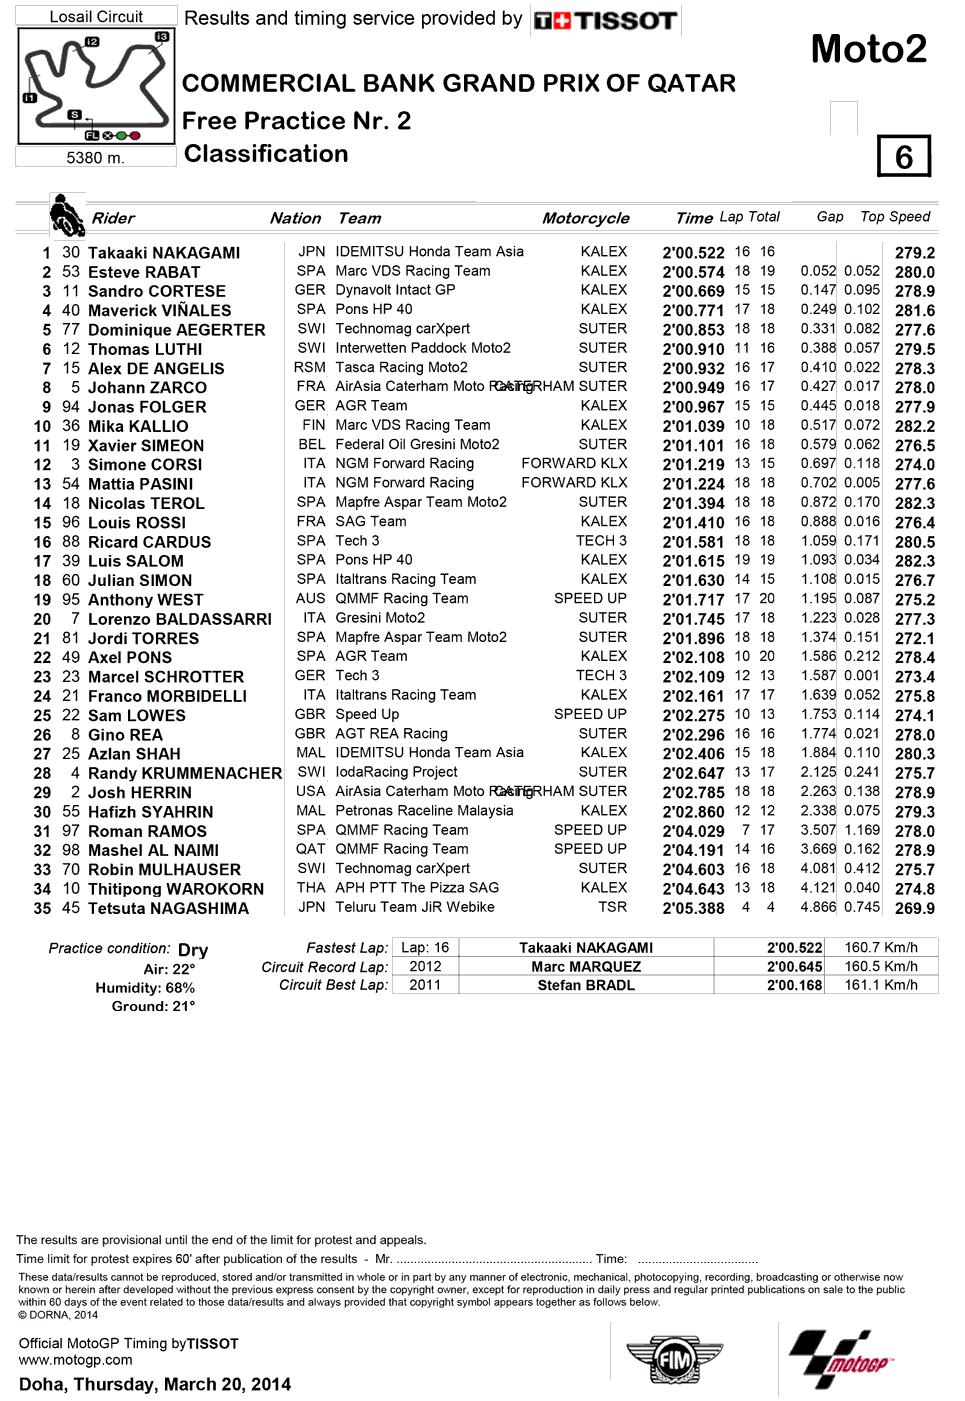 Результаты второй практики Moto2 Гран-При Катара 2014